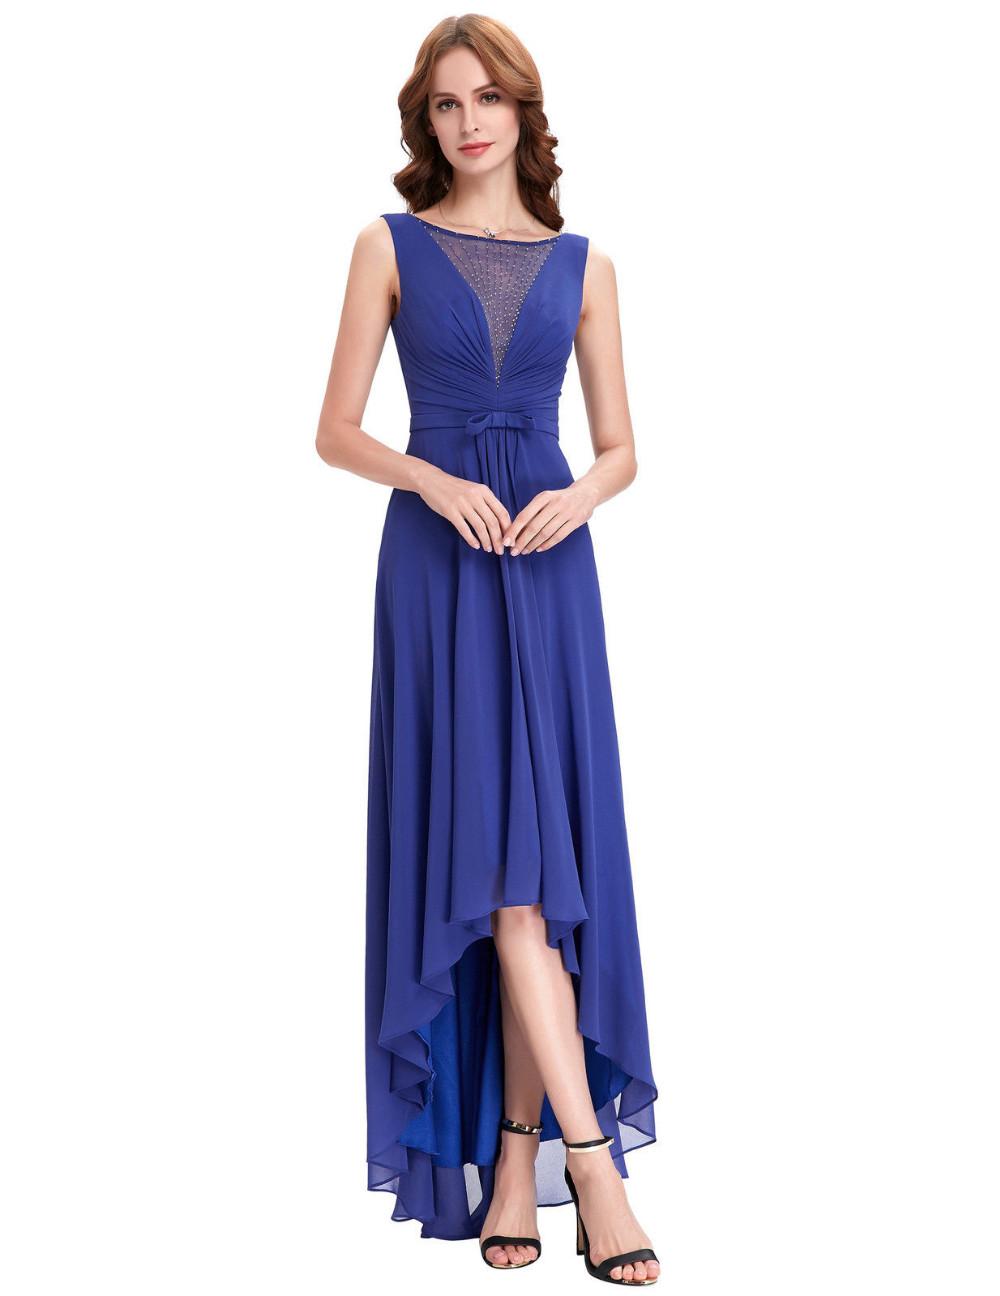 High Low Royal Blue Chiffon Short Front Long Back Bridesmaid Dress 3